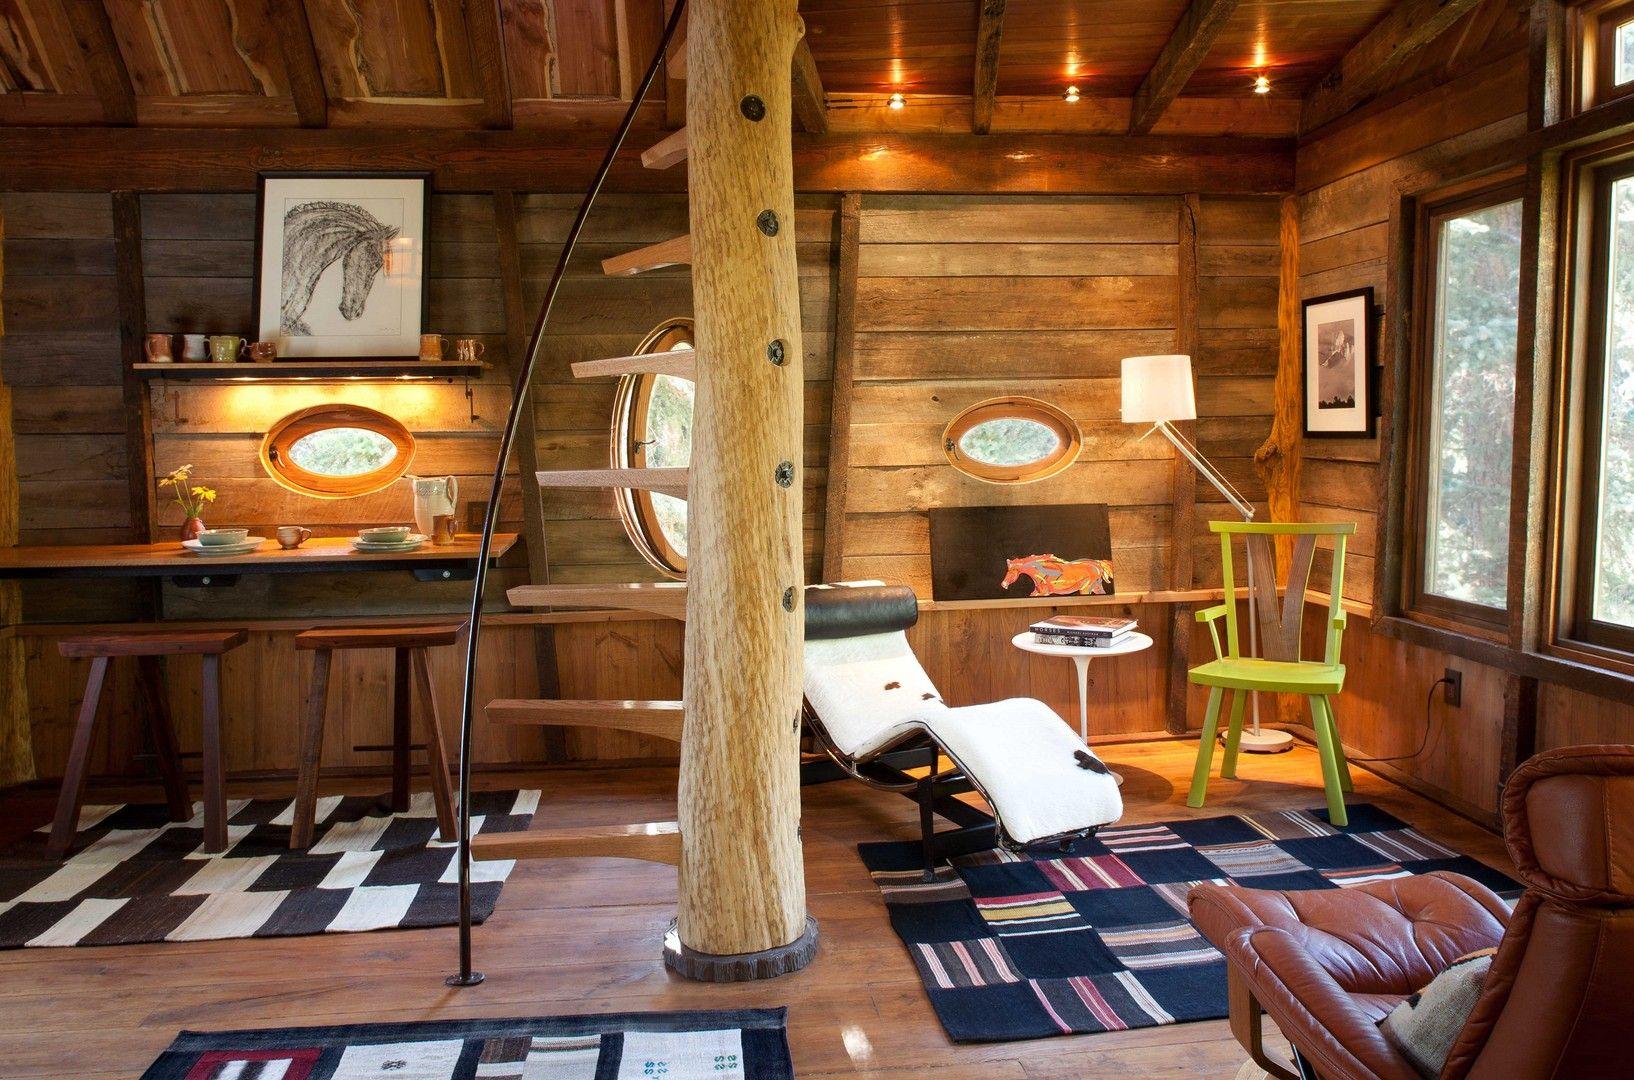 Cabanes dans les arbres interieur recherche google treehouse - Arbre deco interieur ...